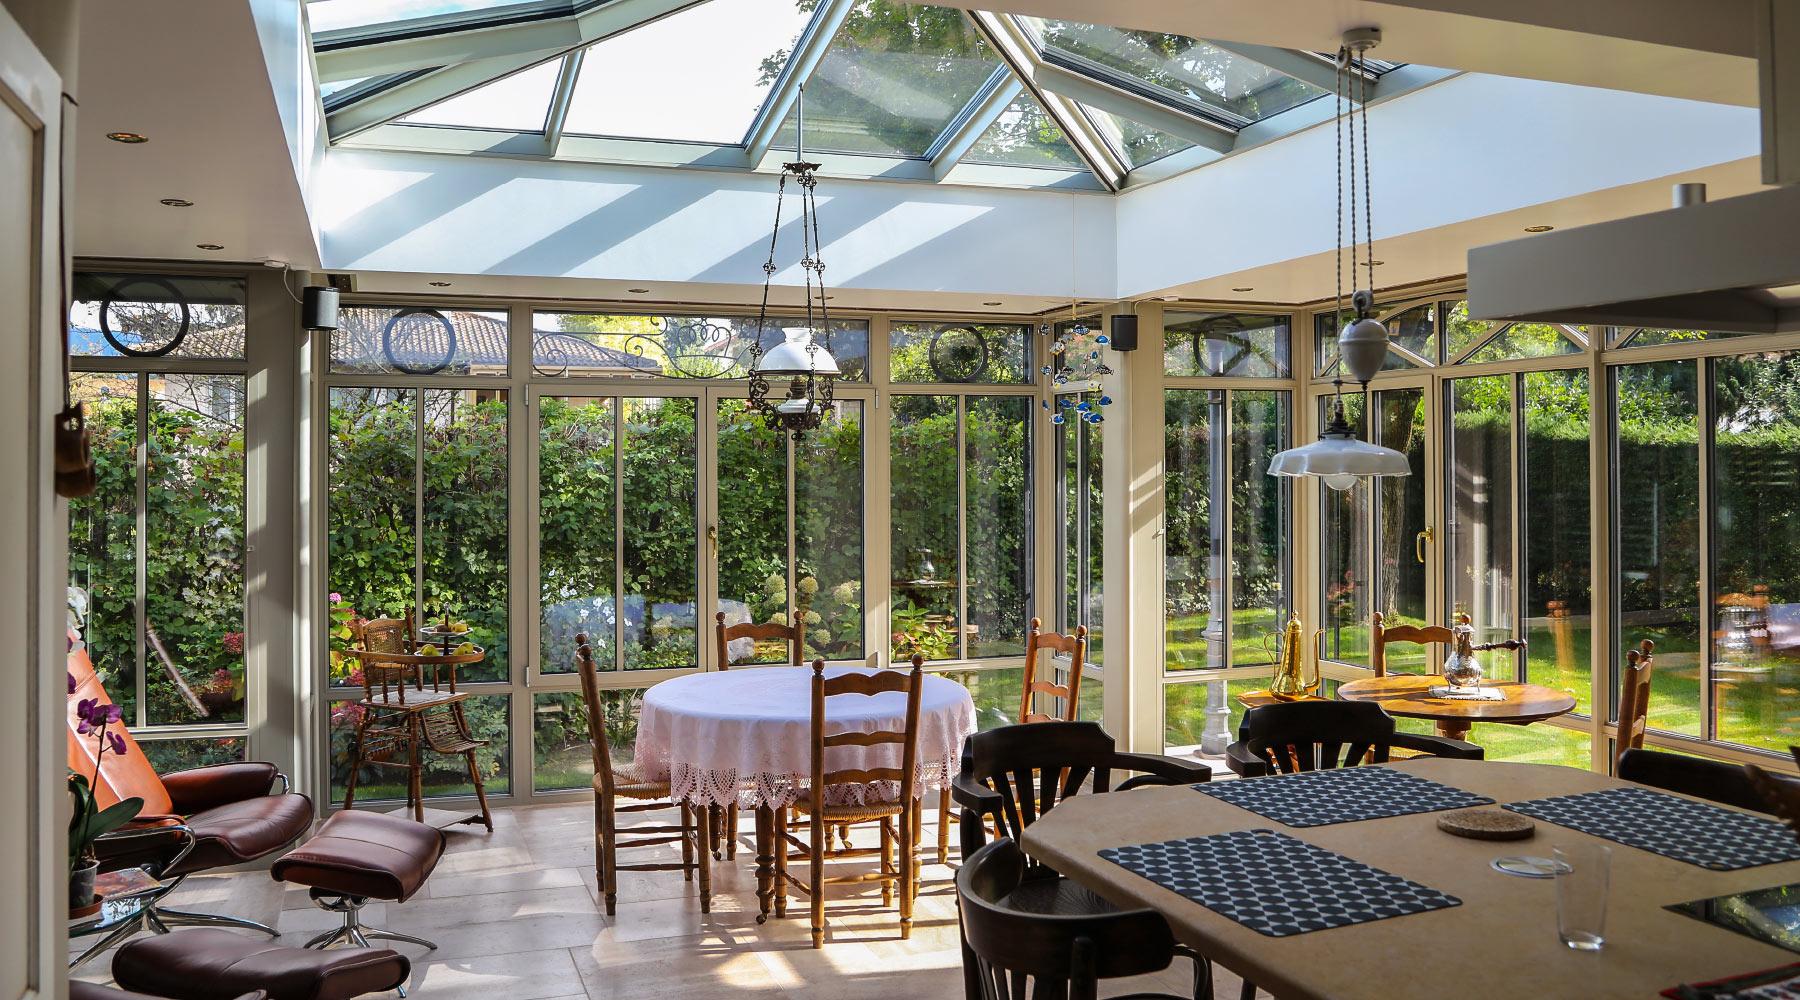 Outdoor Küche Wintergarten : Küche im wintergarten expose jorewitz immobilienmakler bielefeld